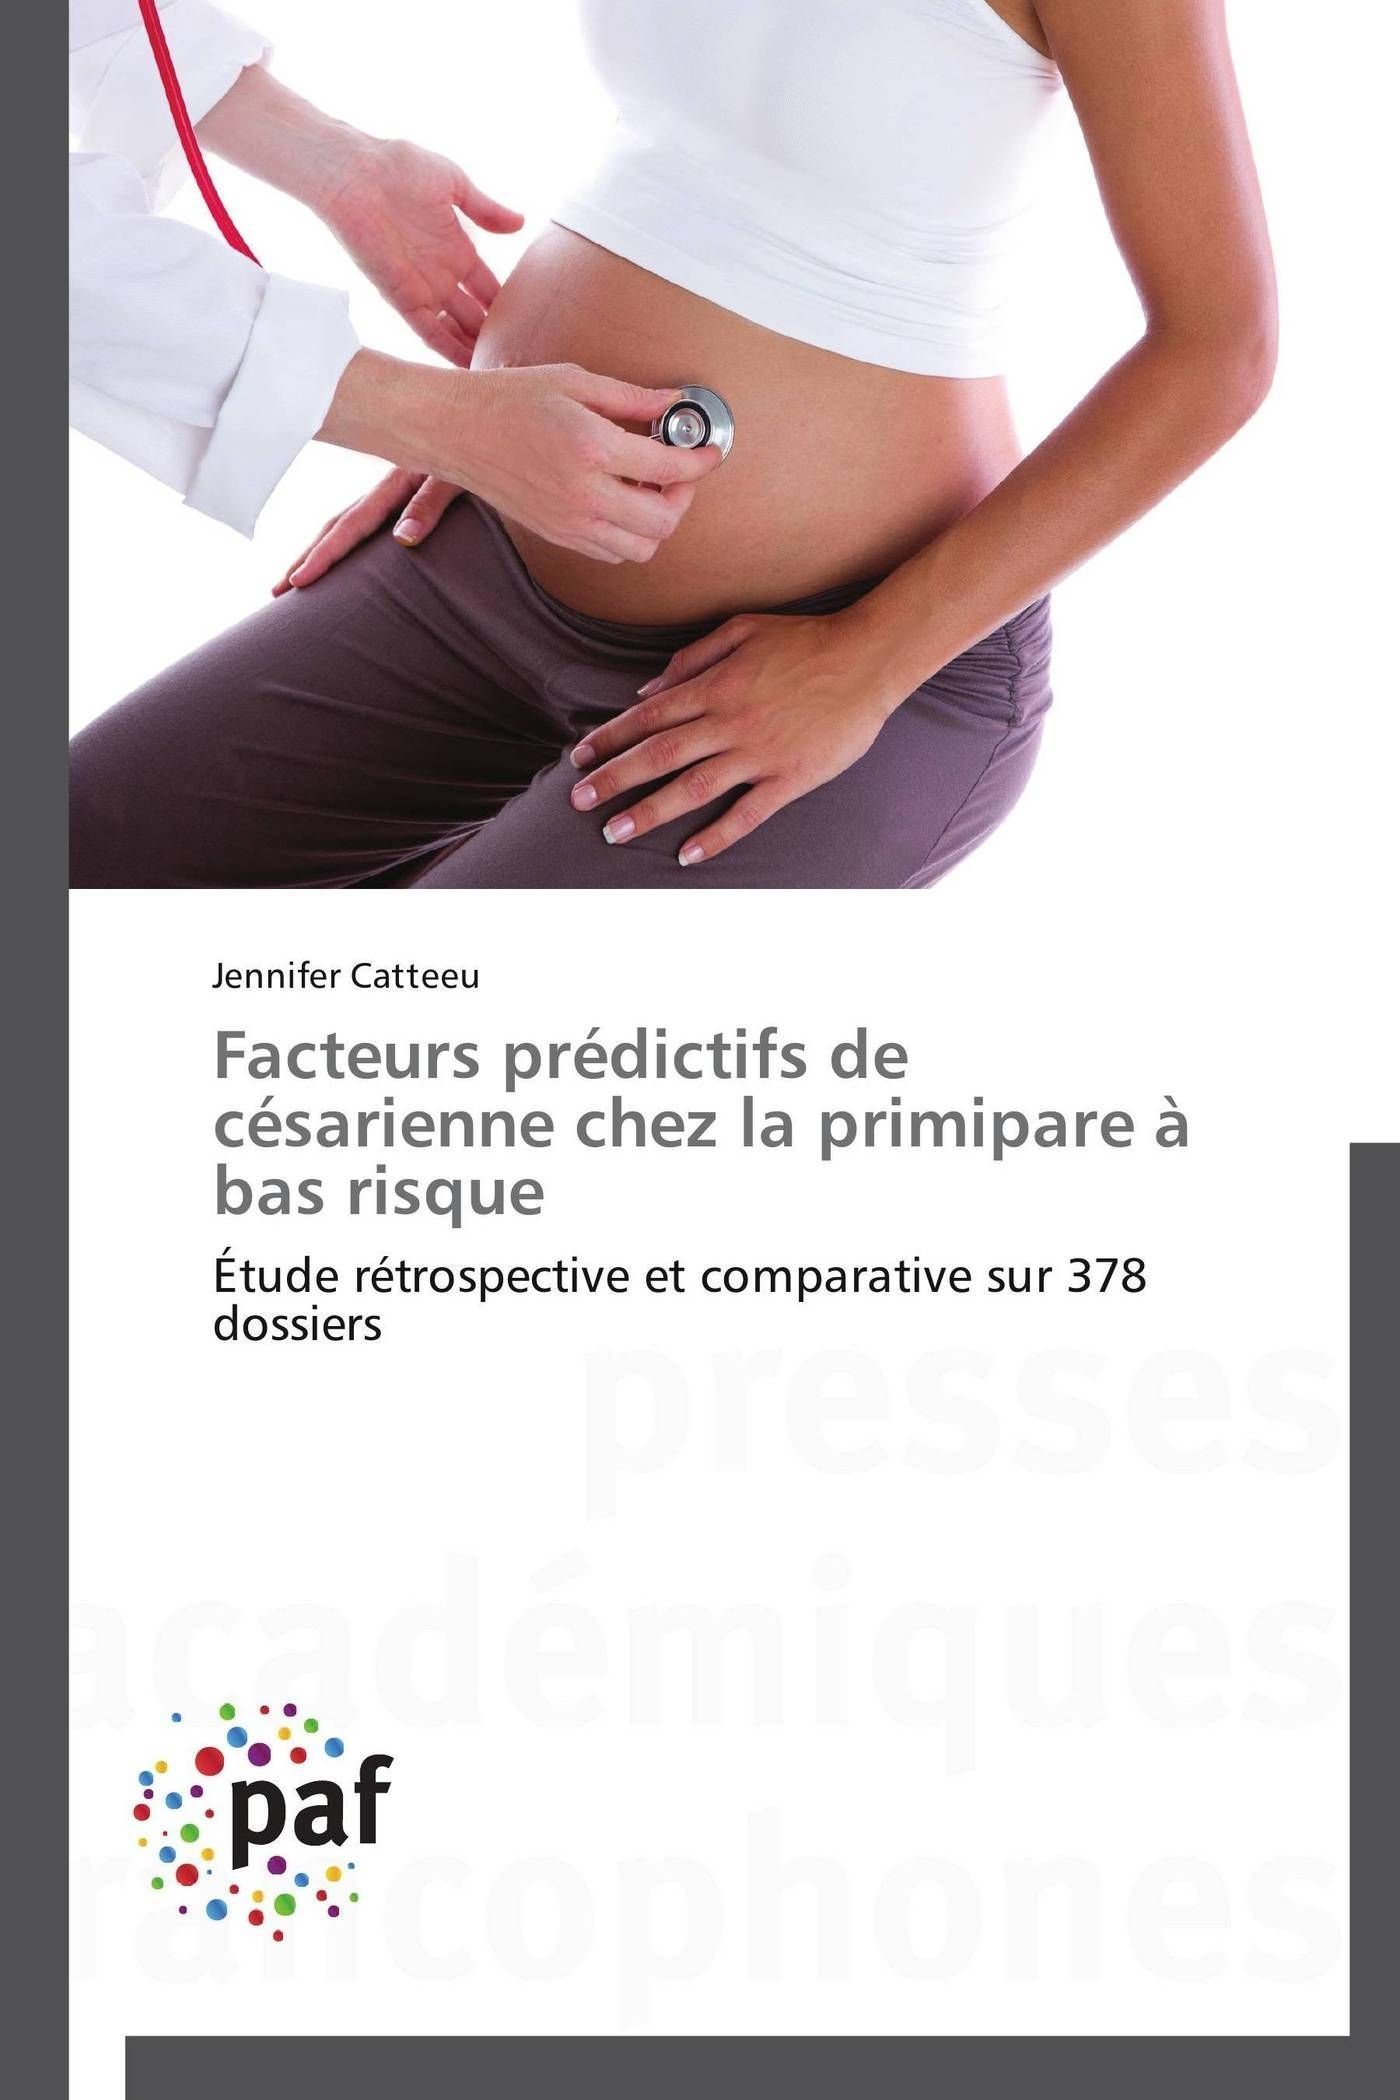 FACTEURS PREDICTIFS DE CESARIENNE CHEZ LA PRIMIPARE A BAS RISQUE